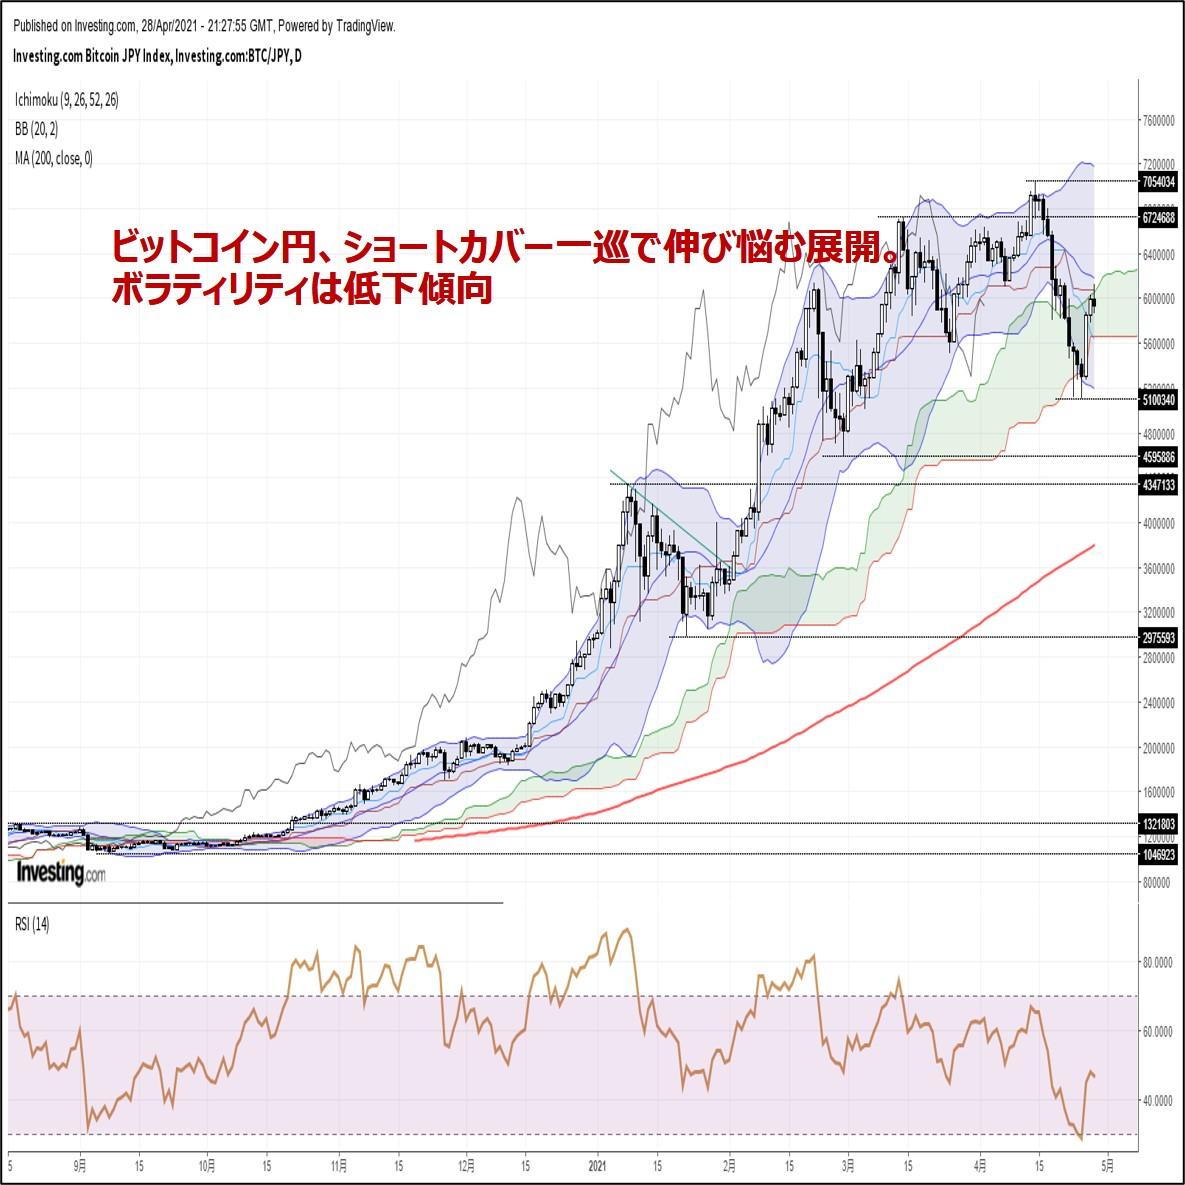 ビットコイン円、ショートカバー一巡で伸び悩む展開。下落リスクに要警戒(4/29朝)